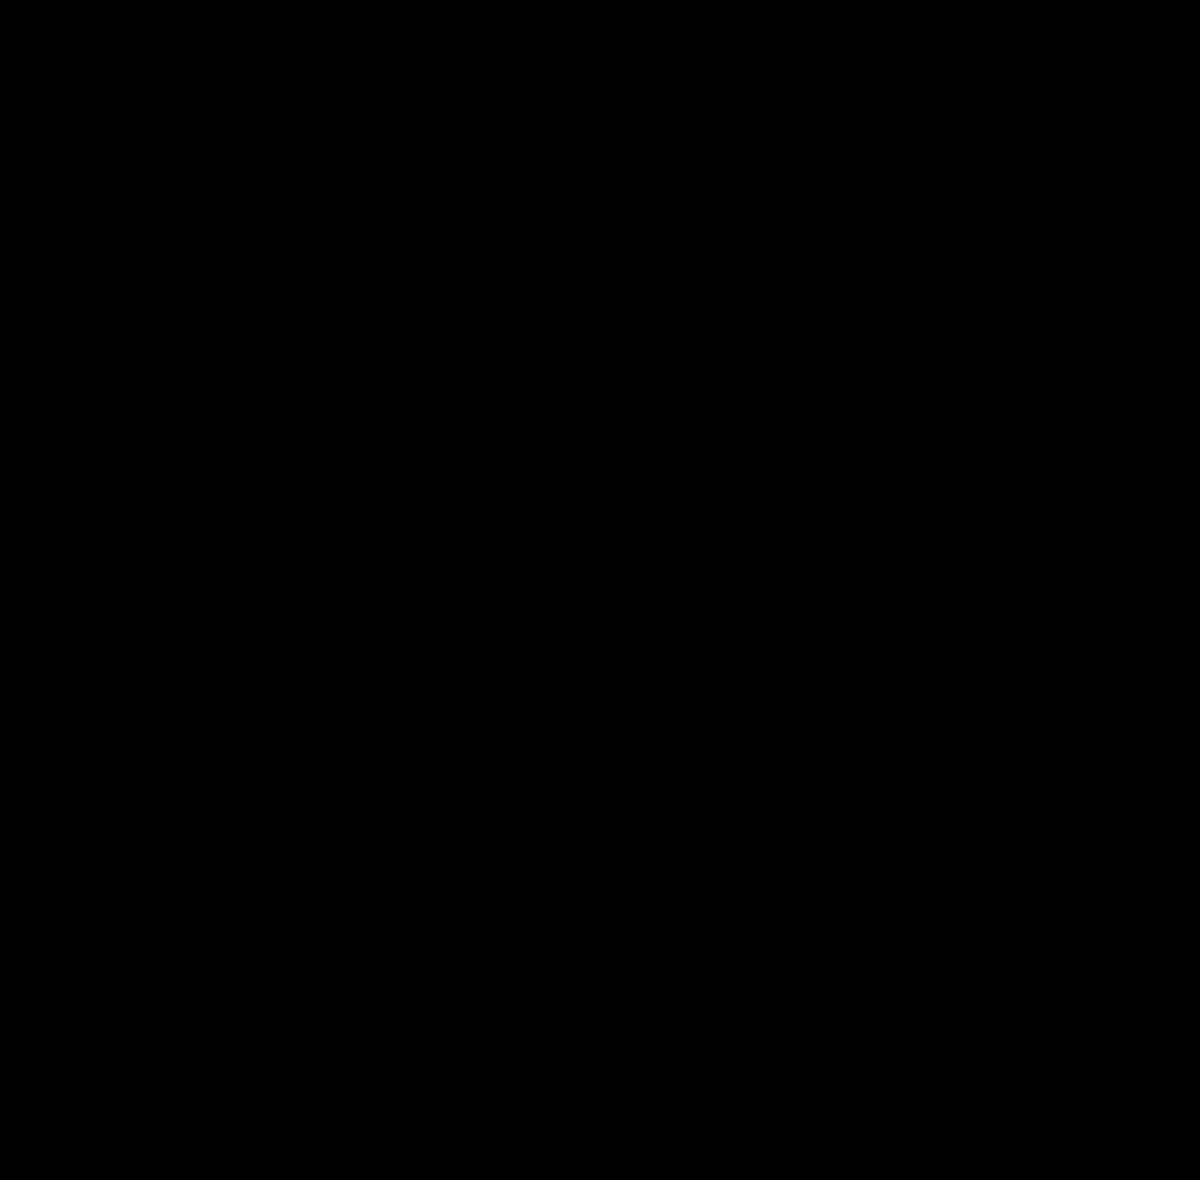 pentapolar-spiral-layer6